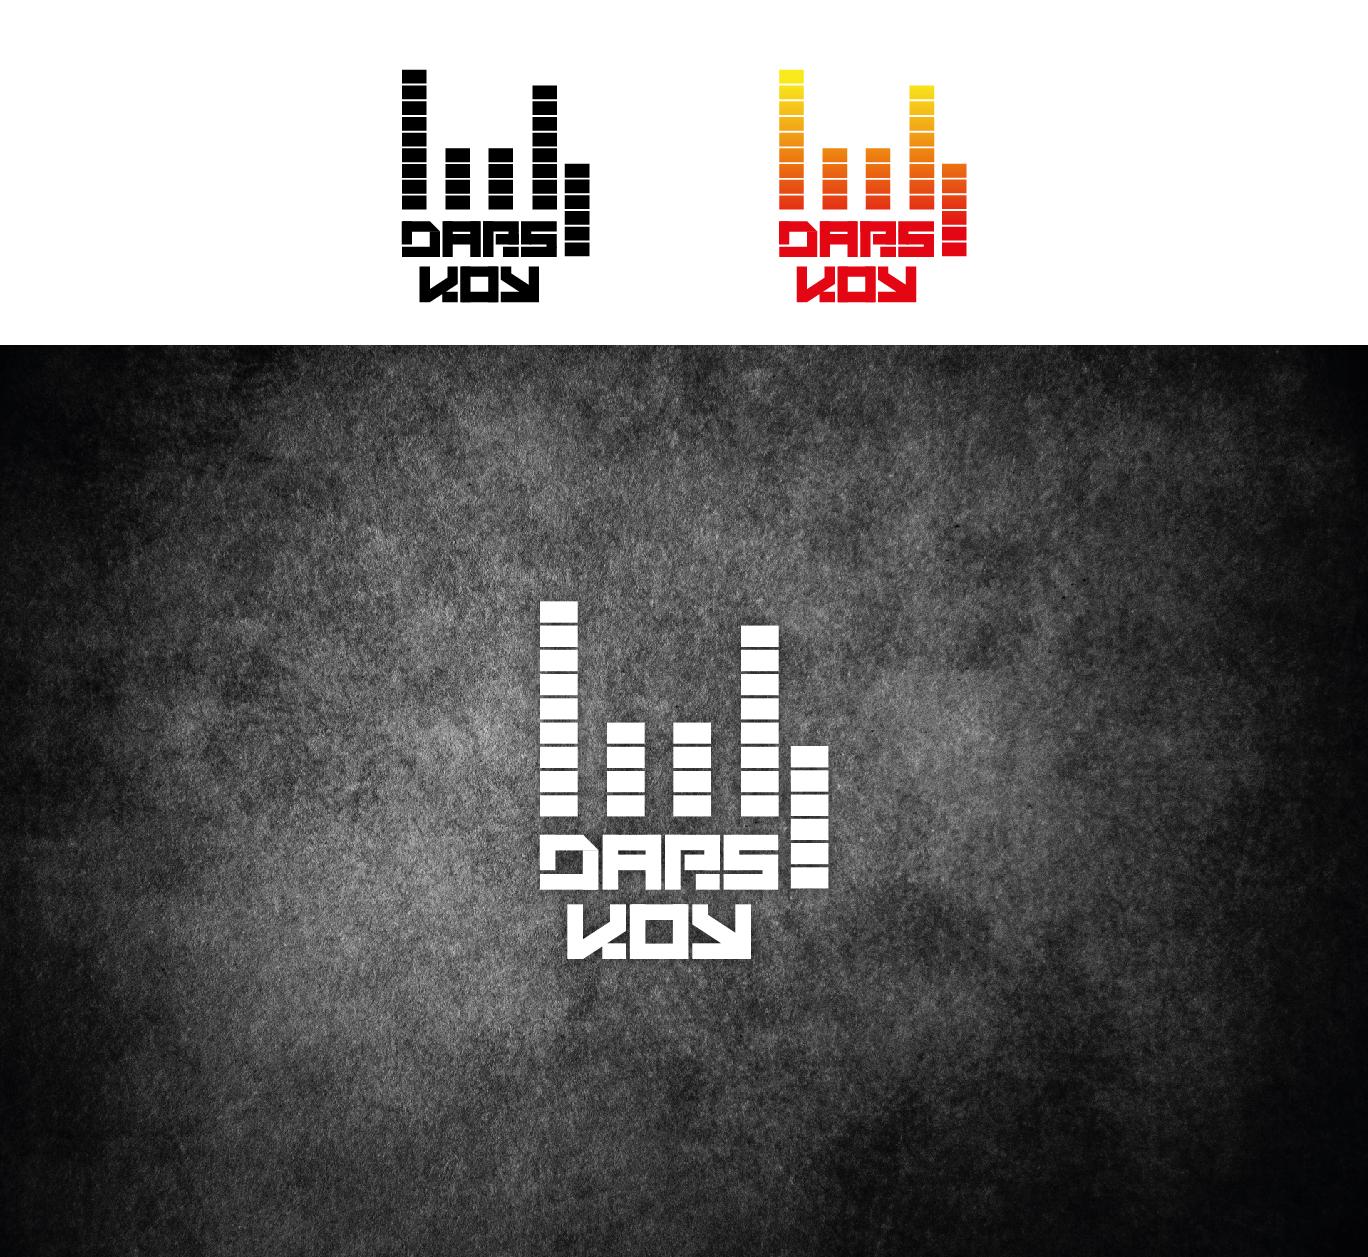 Нарисовать логотип для сольного музыкального проекта фото f_6125ba9f0960e491.jpg